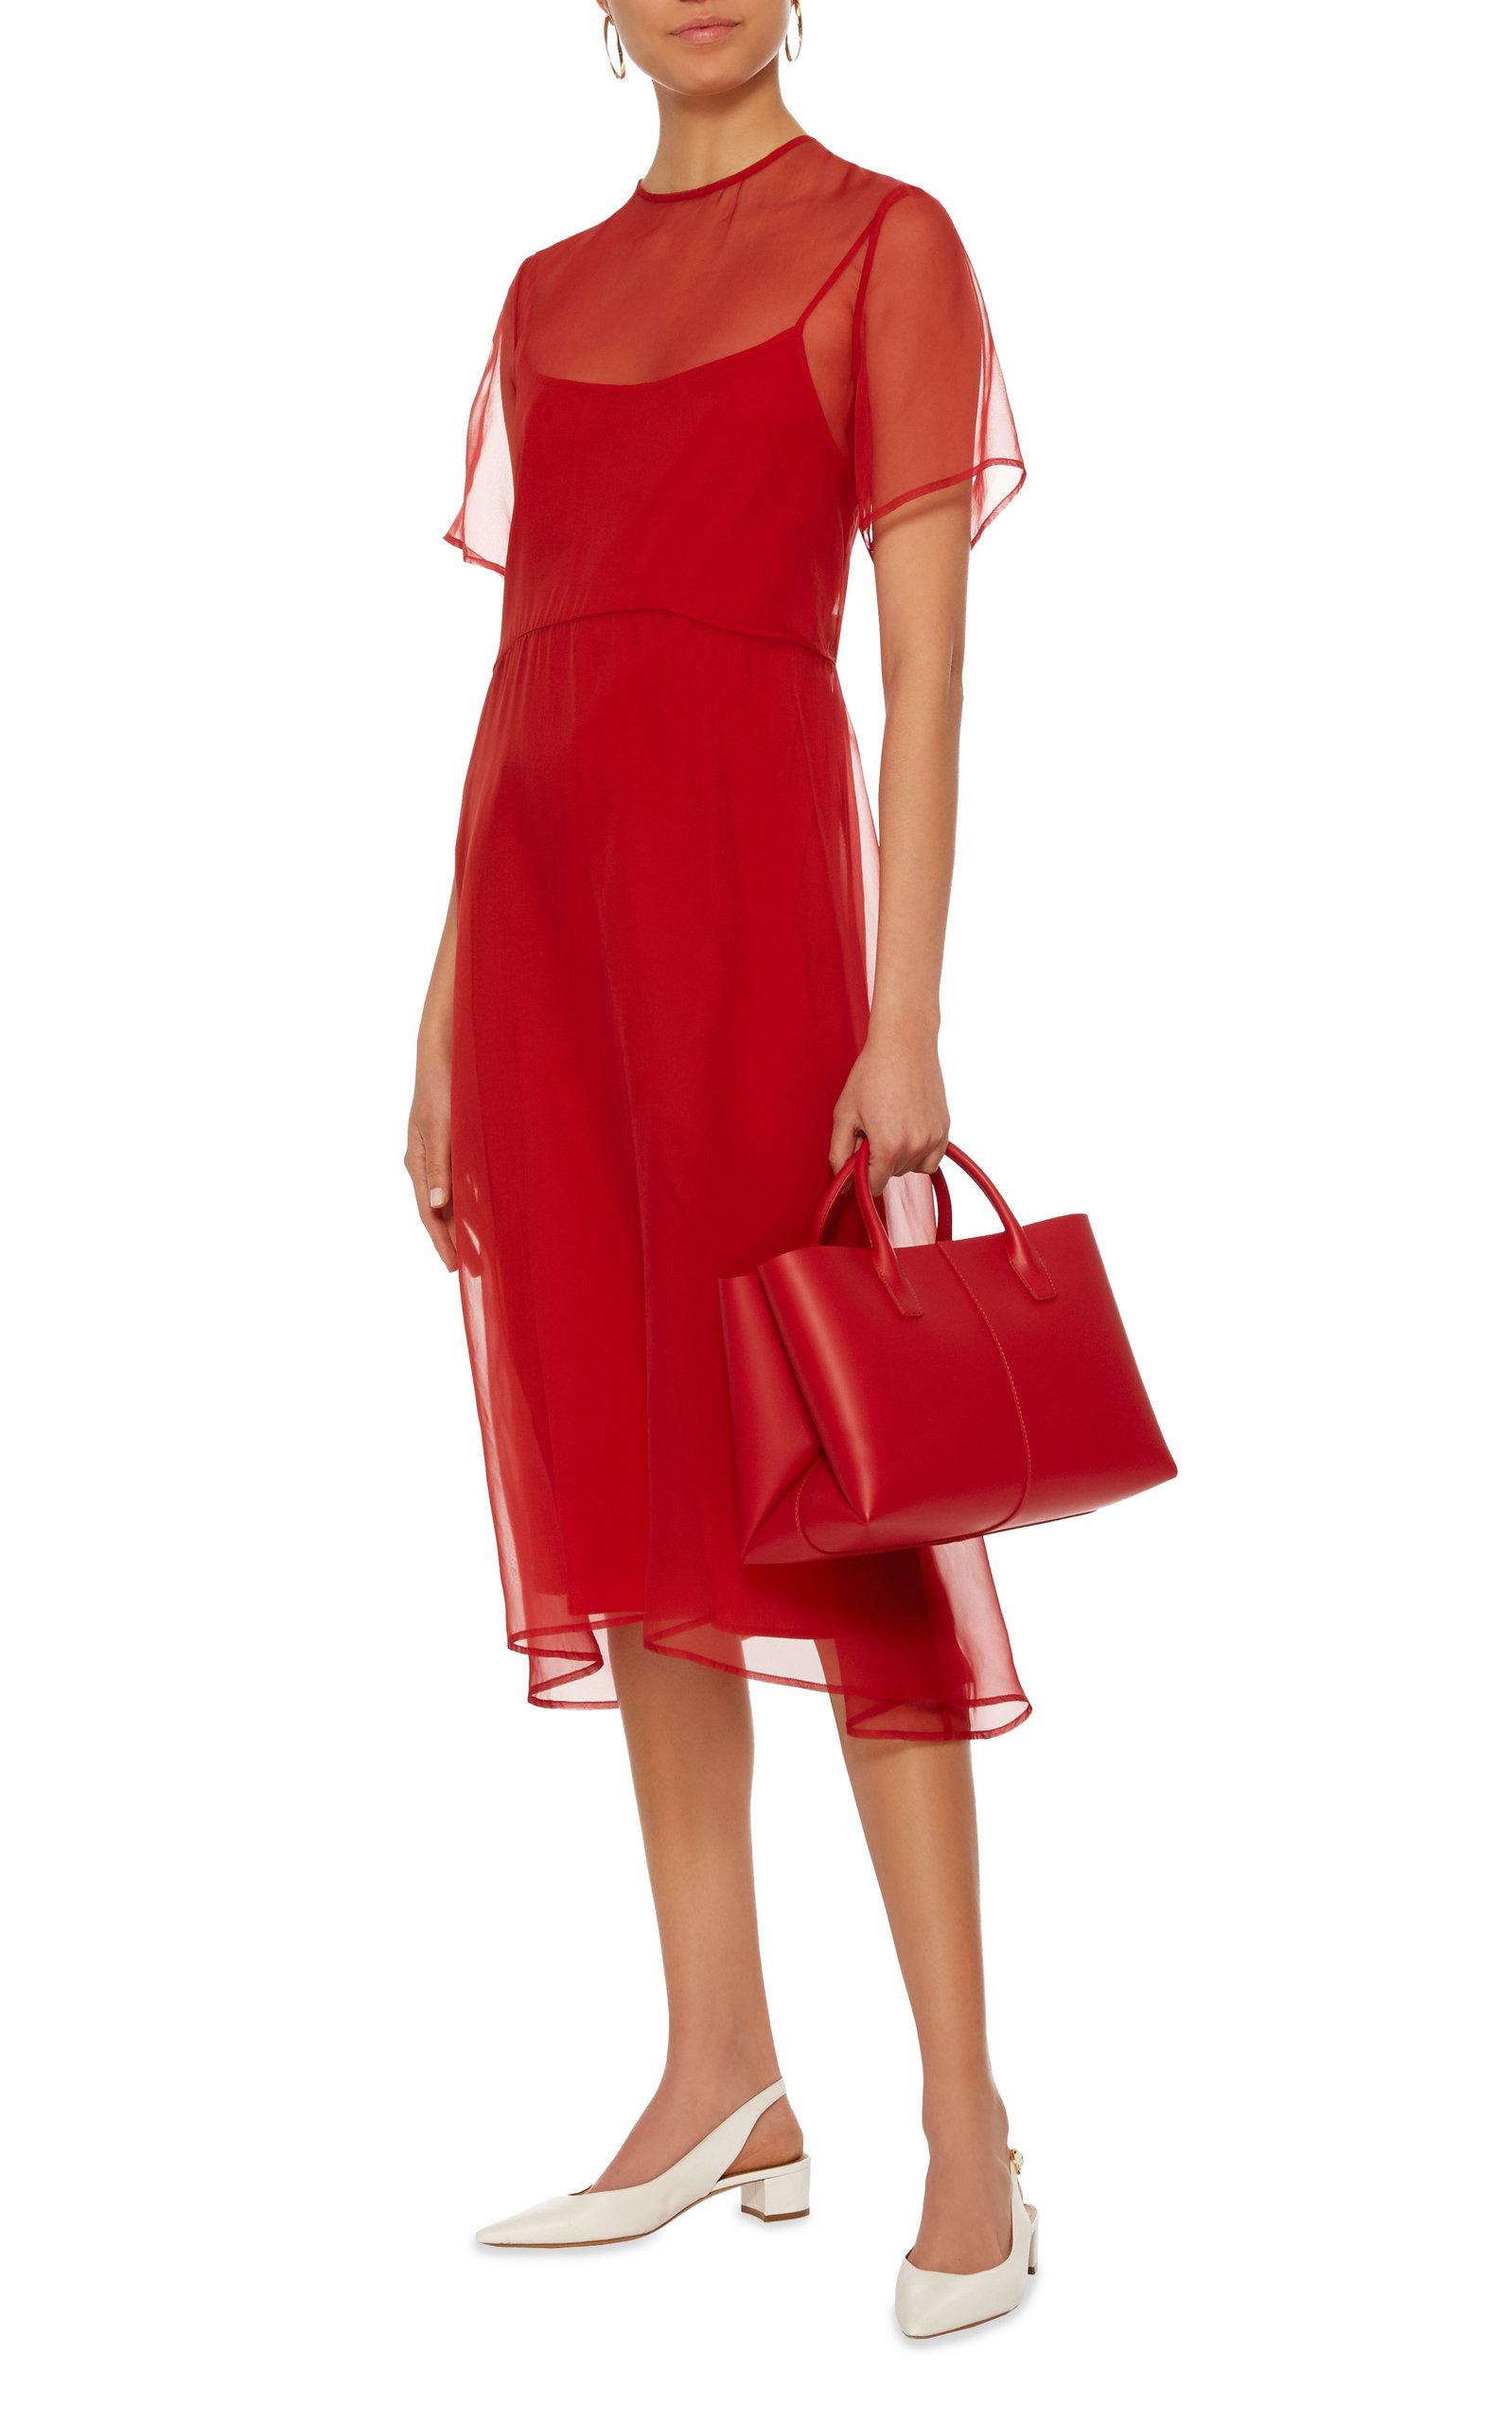 Layered Chiffon Dress by Mansur Gavriel